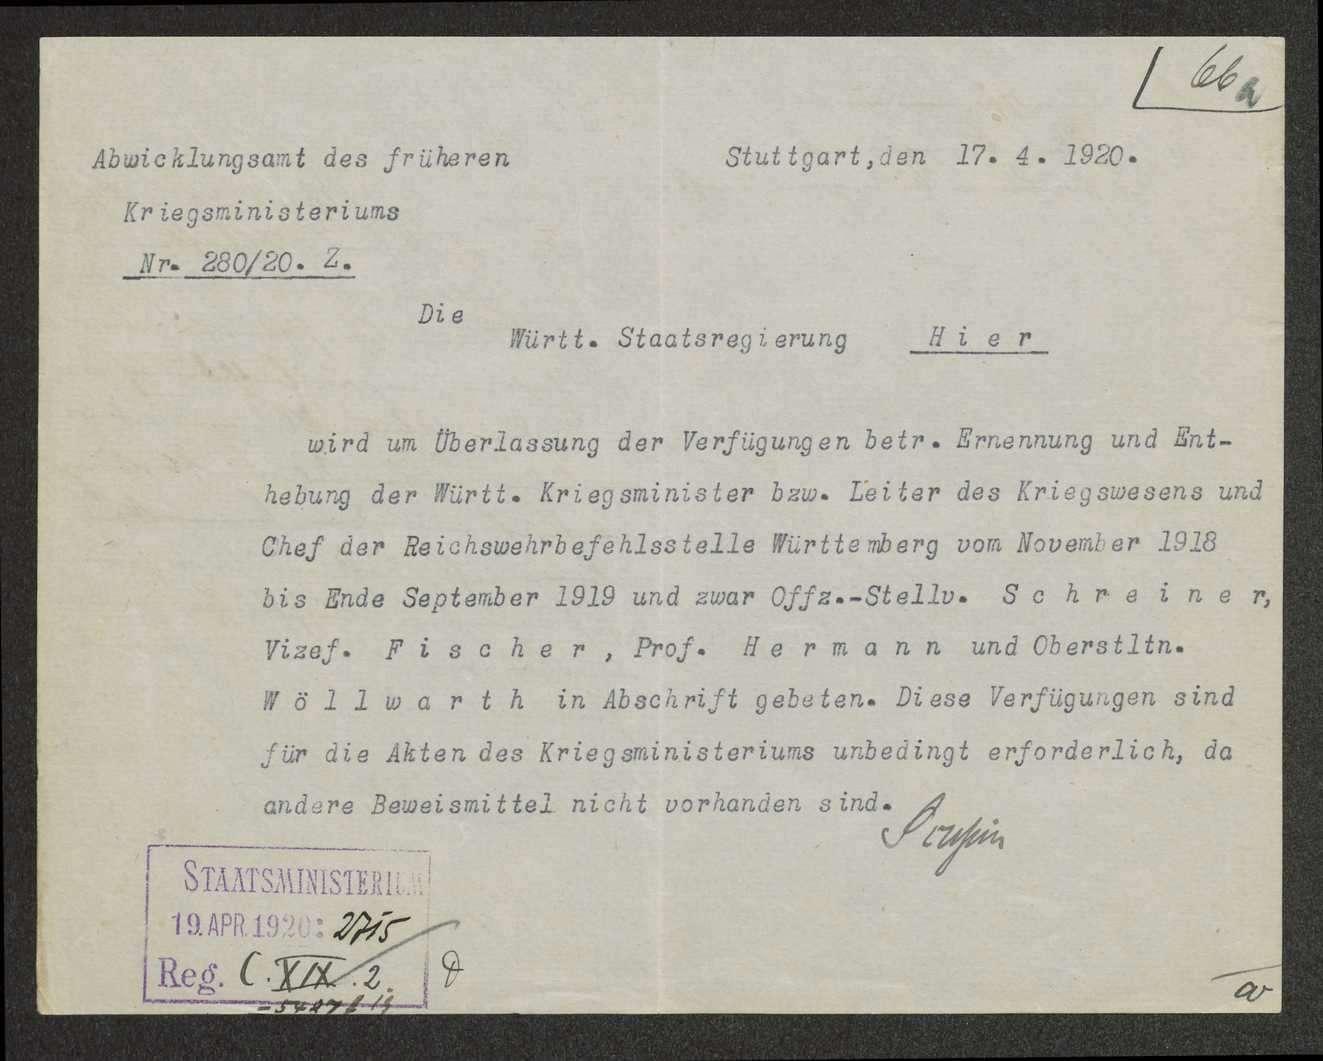 Bildung der Württ. Landesregierung, Ernennung und Entlassung der Minister, Bild 1